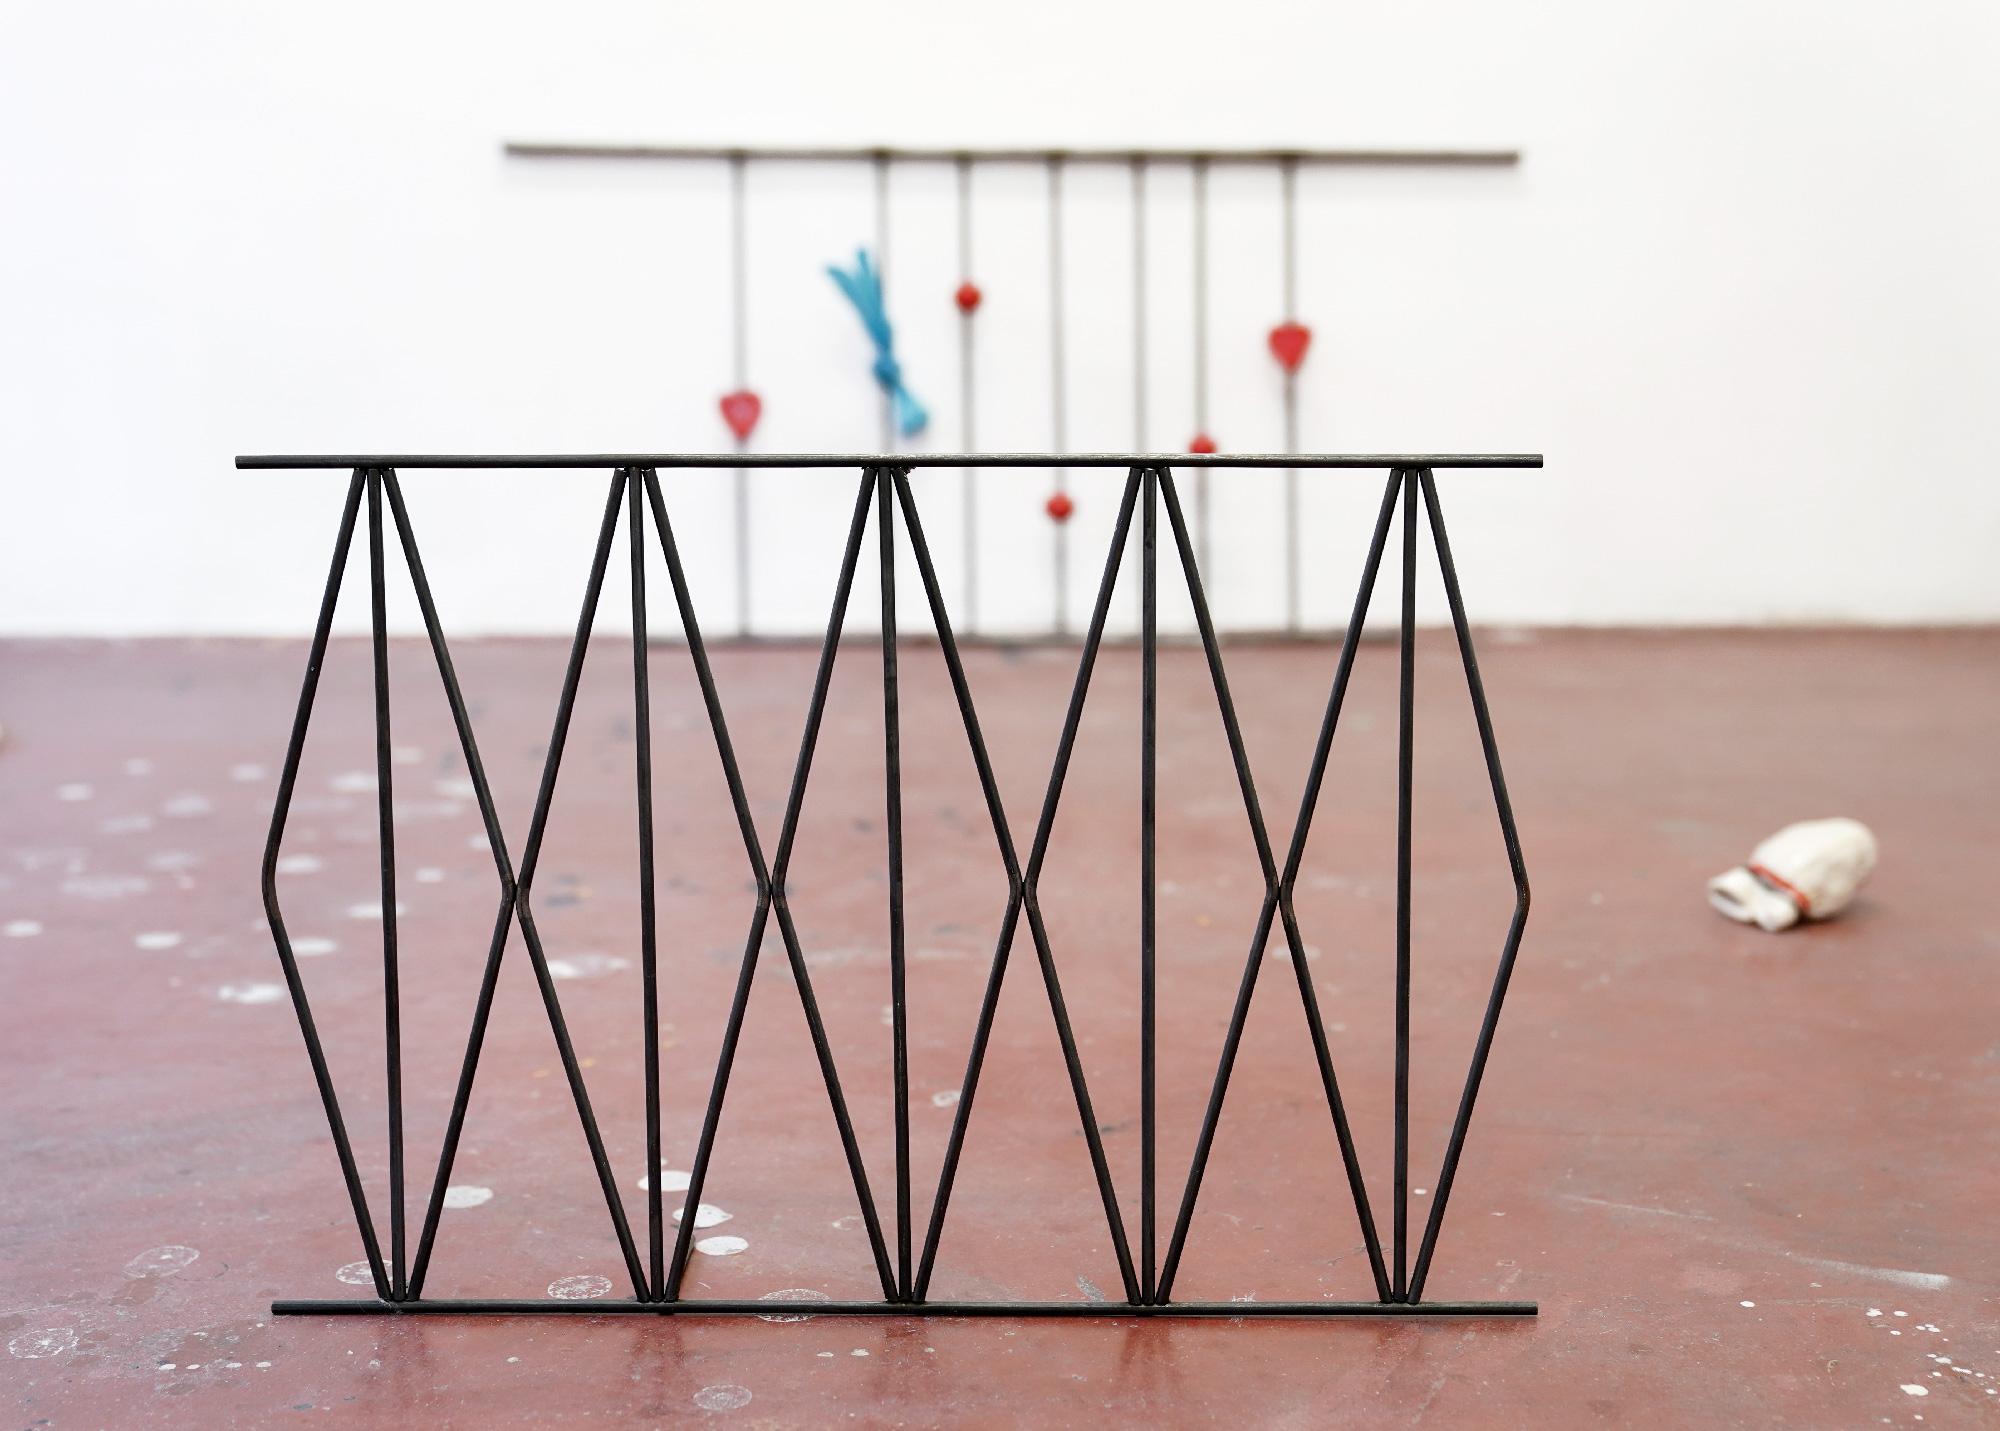 CaballeroCosmica-ExhibitionPhoto-Openstudio-Tamara-Arroyo-11-.jpg